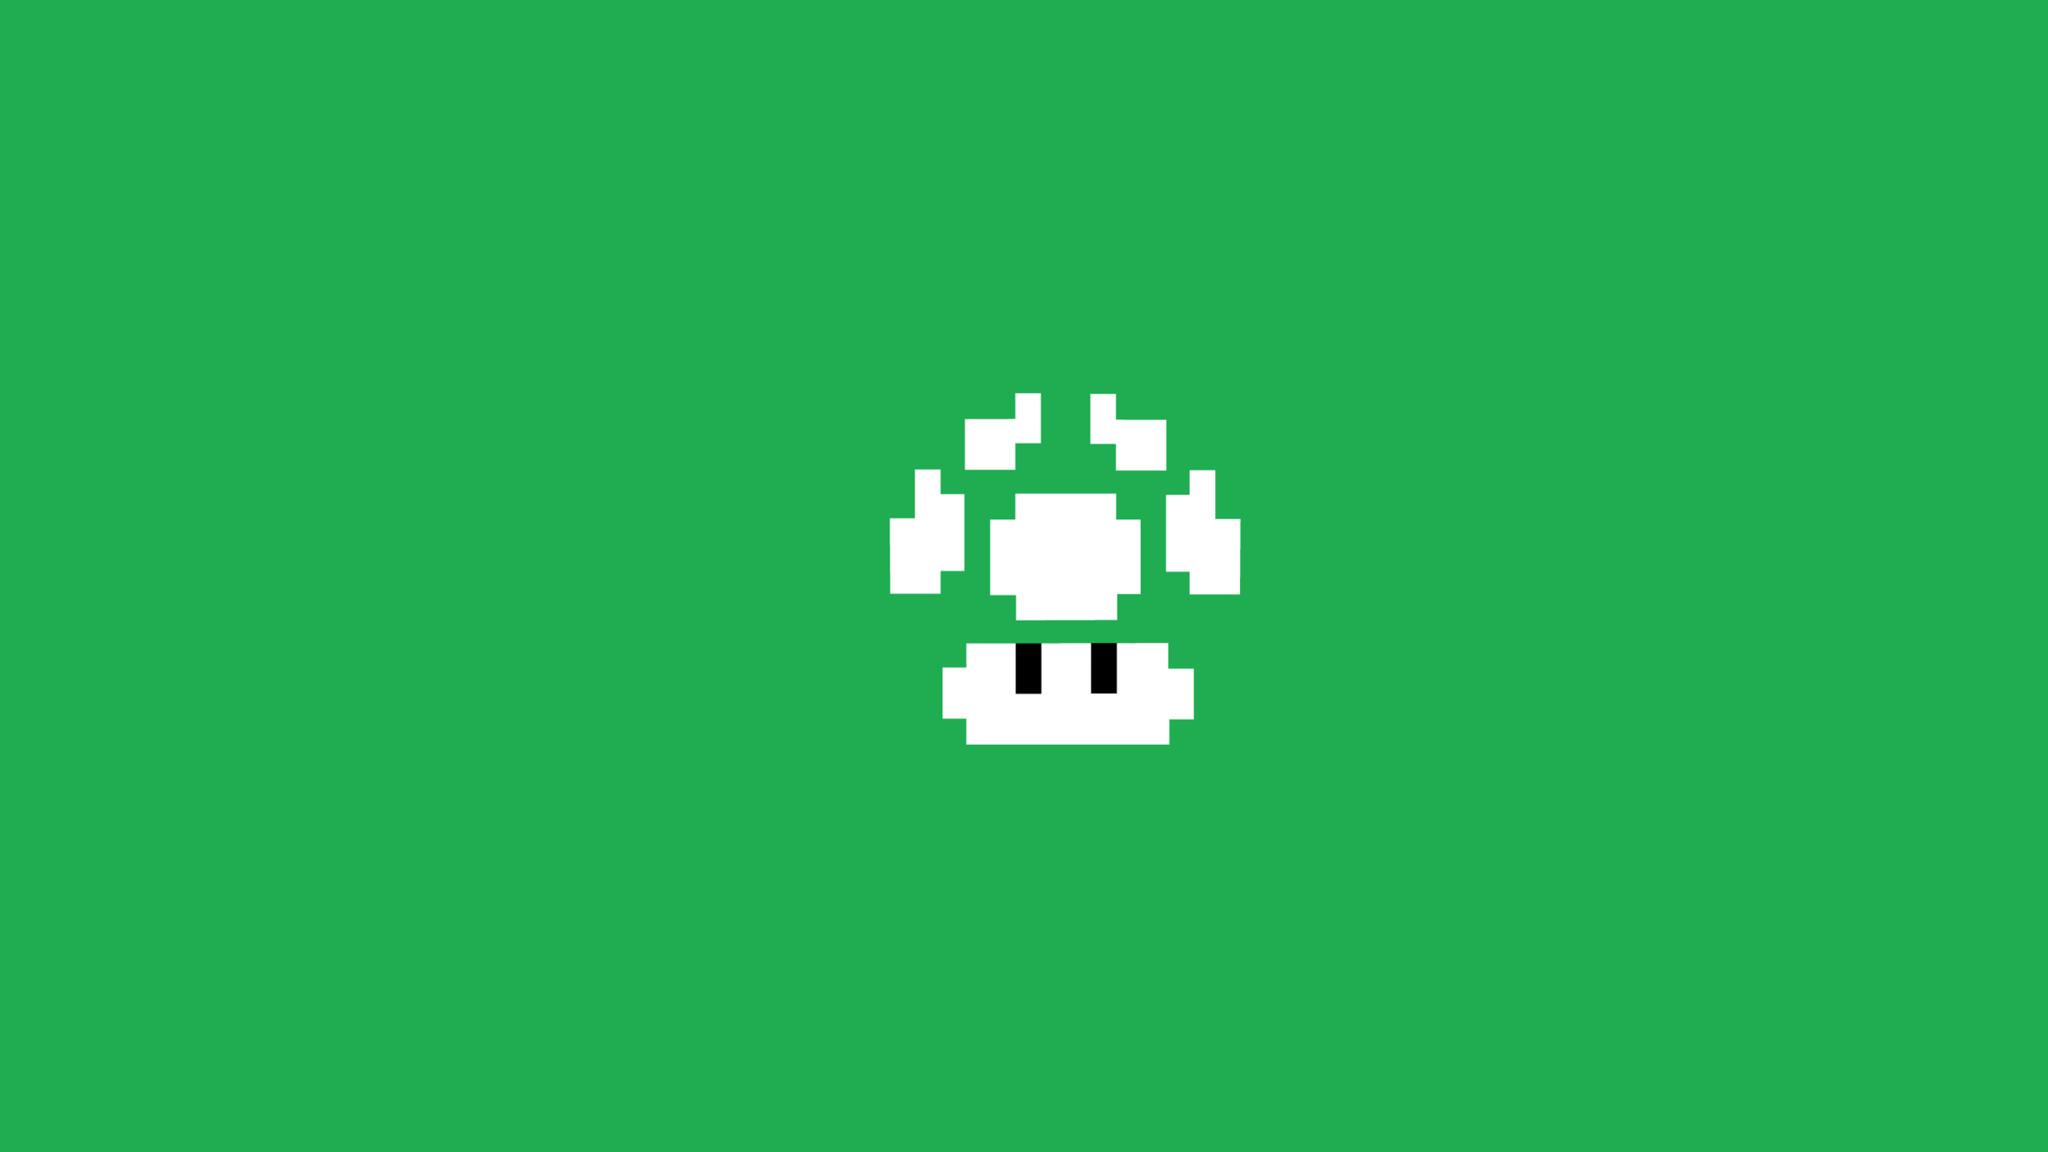 Wallpaper 3d Mario Bros 2048x1152 Super Mario Bros Minimalism 2048x1152 Resolution